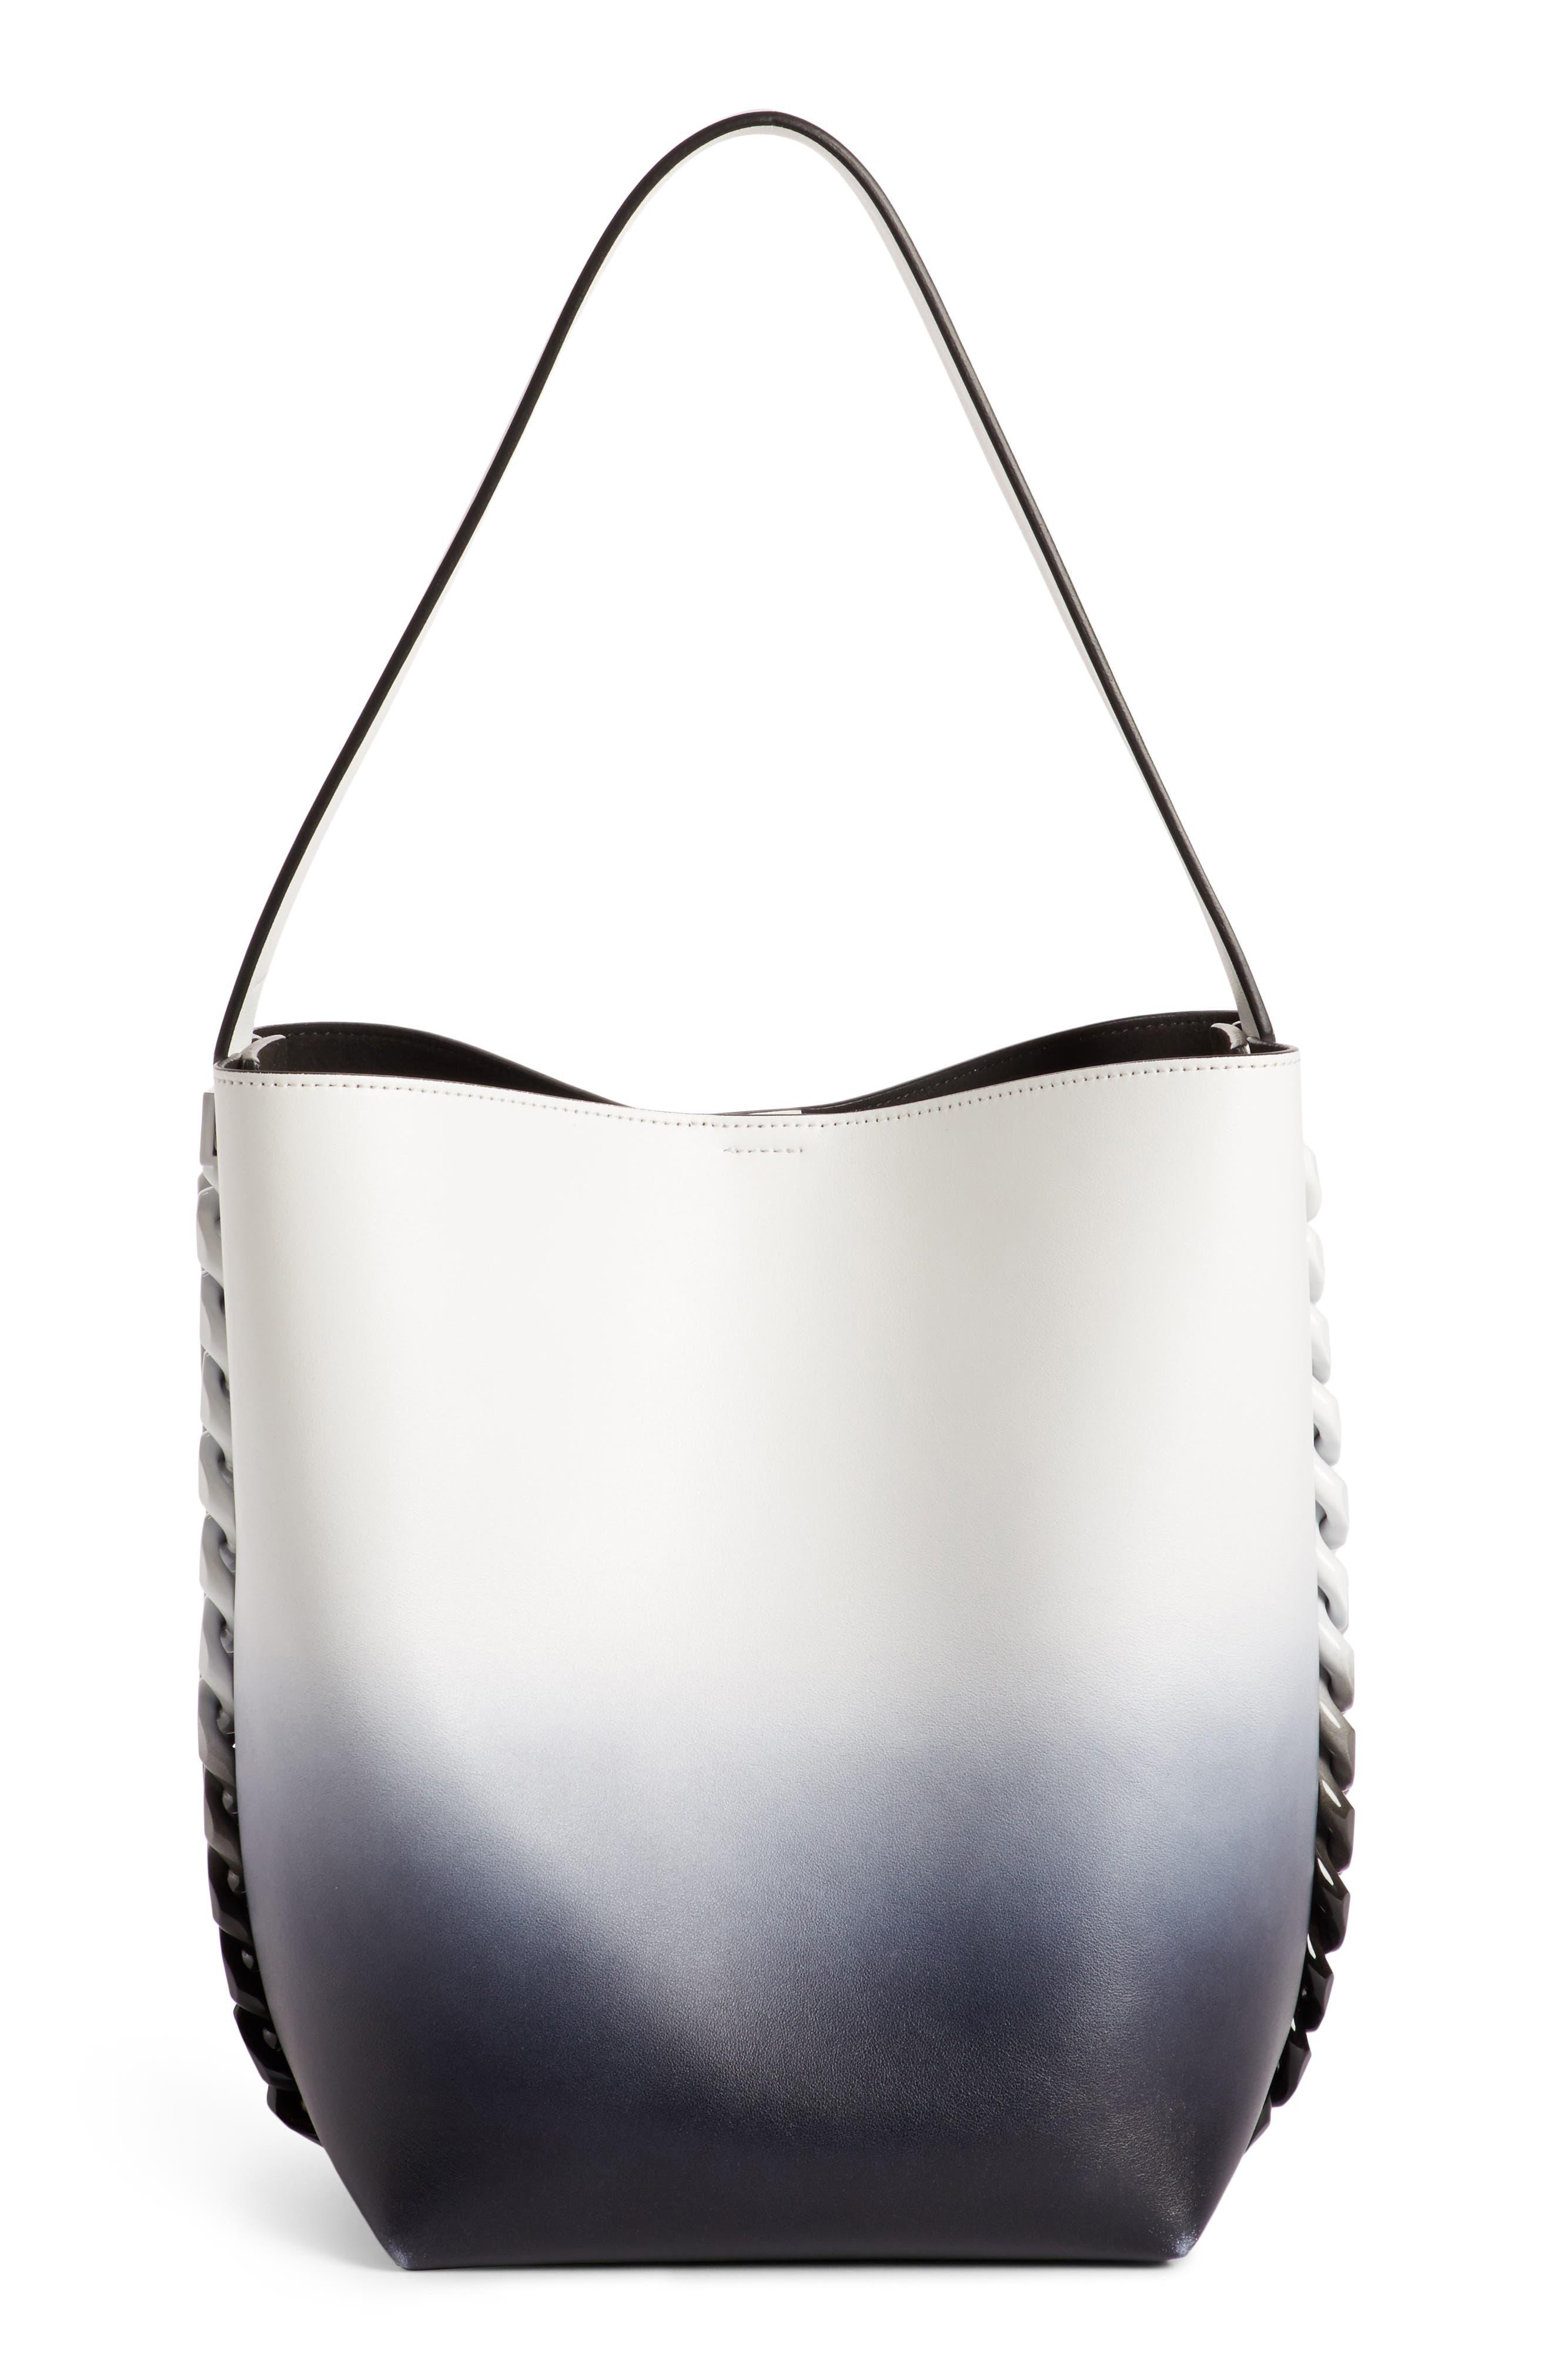 Givenchy Infinity Dégradé Calfskin Bucket Bag